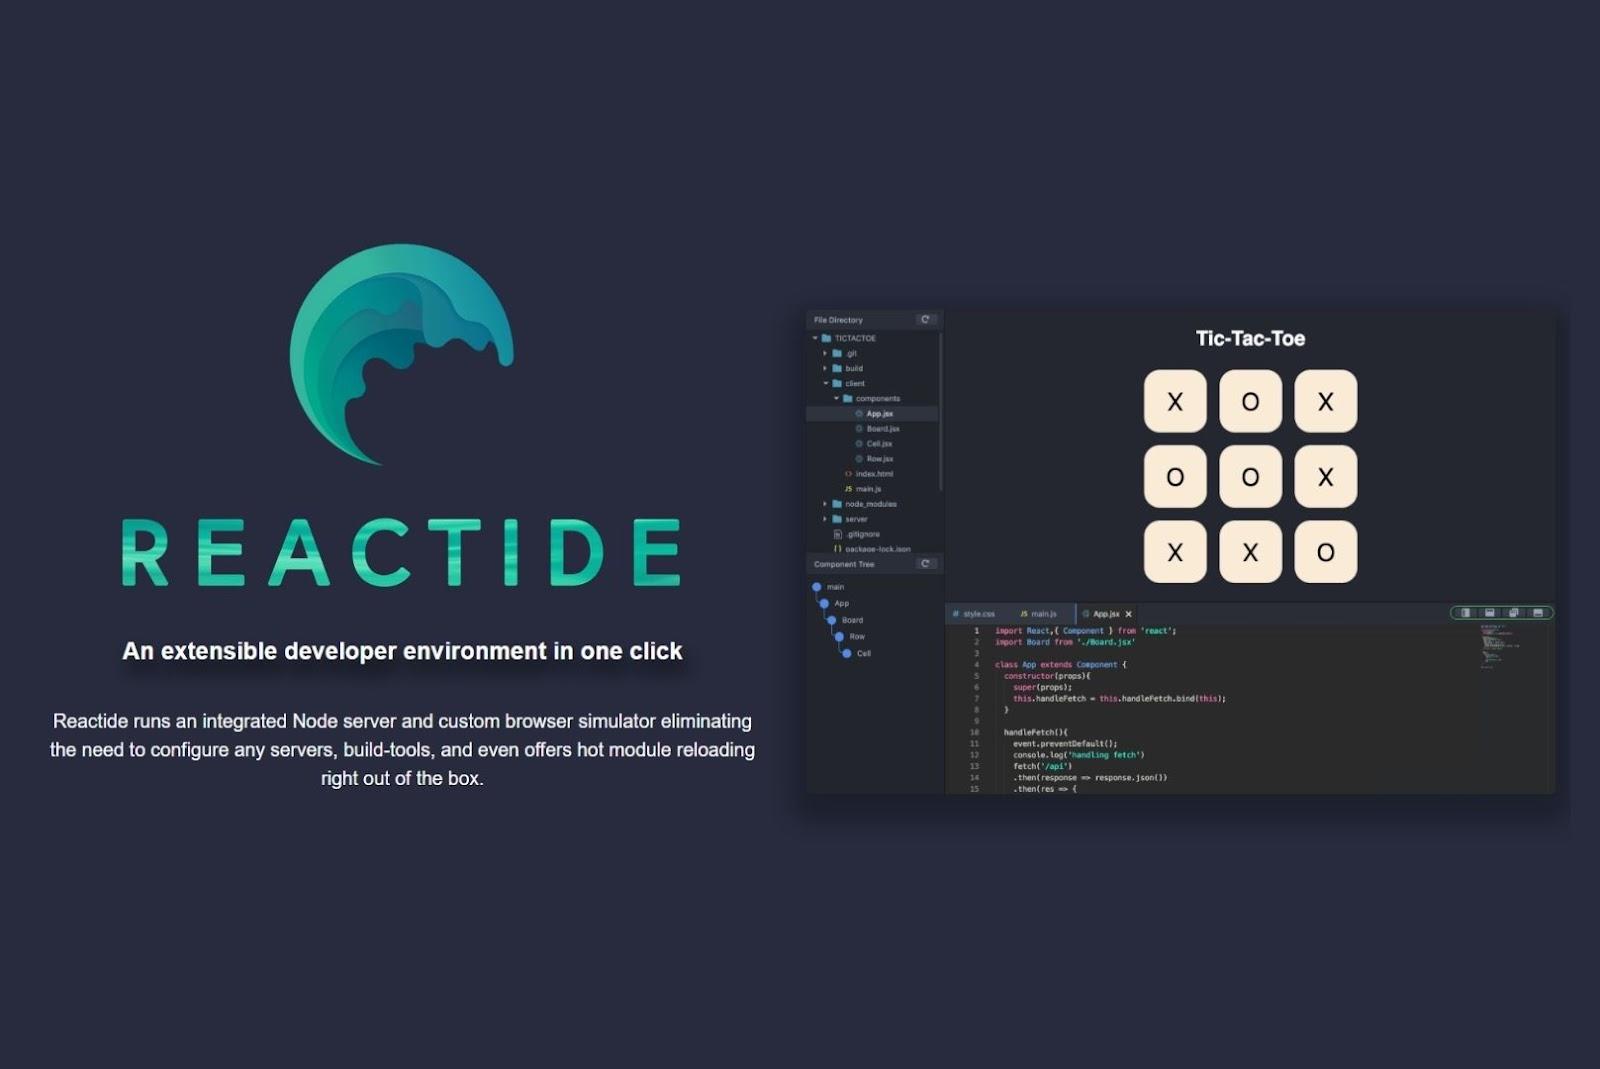 reactide developer developer tool